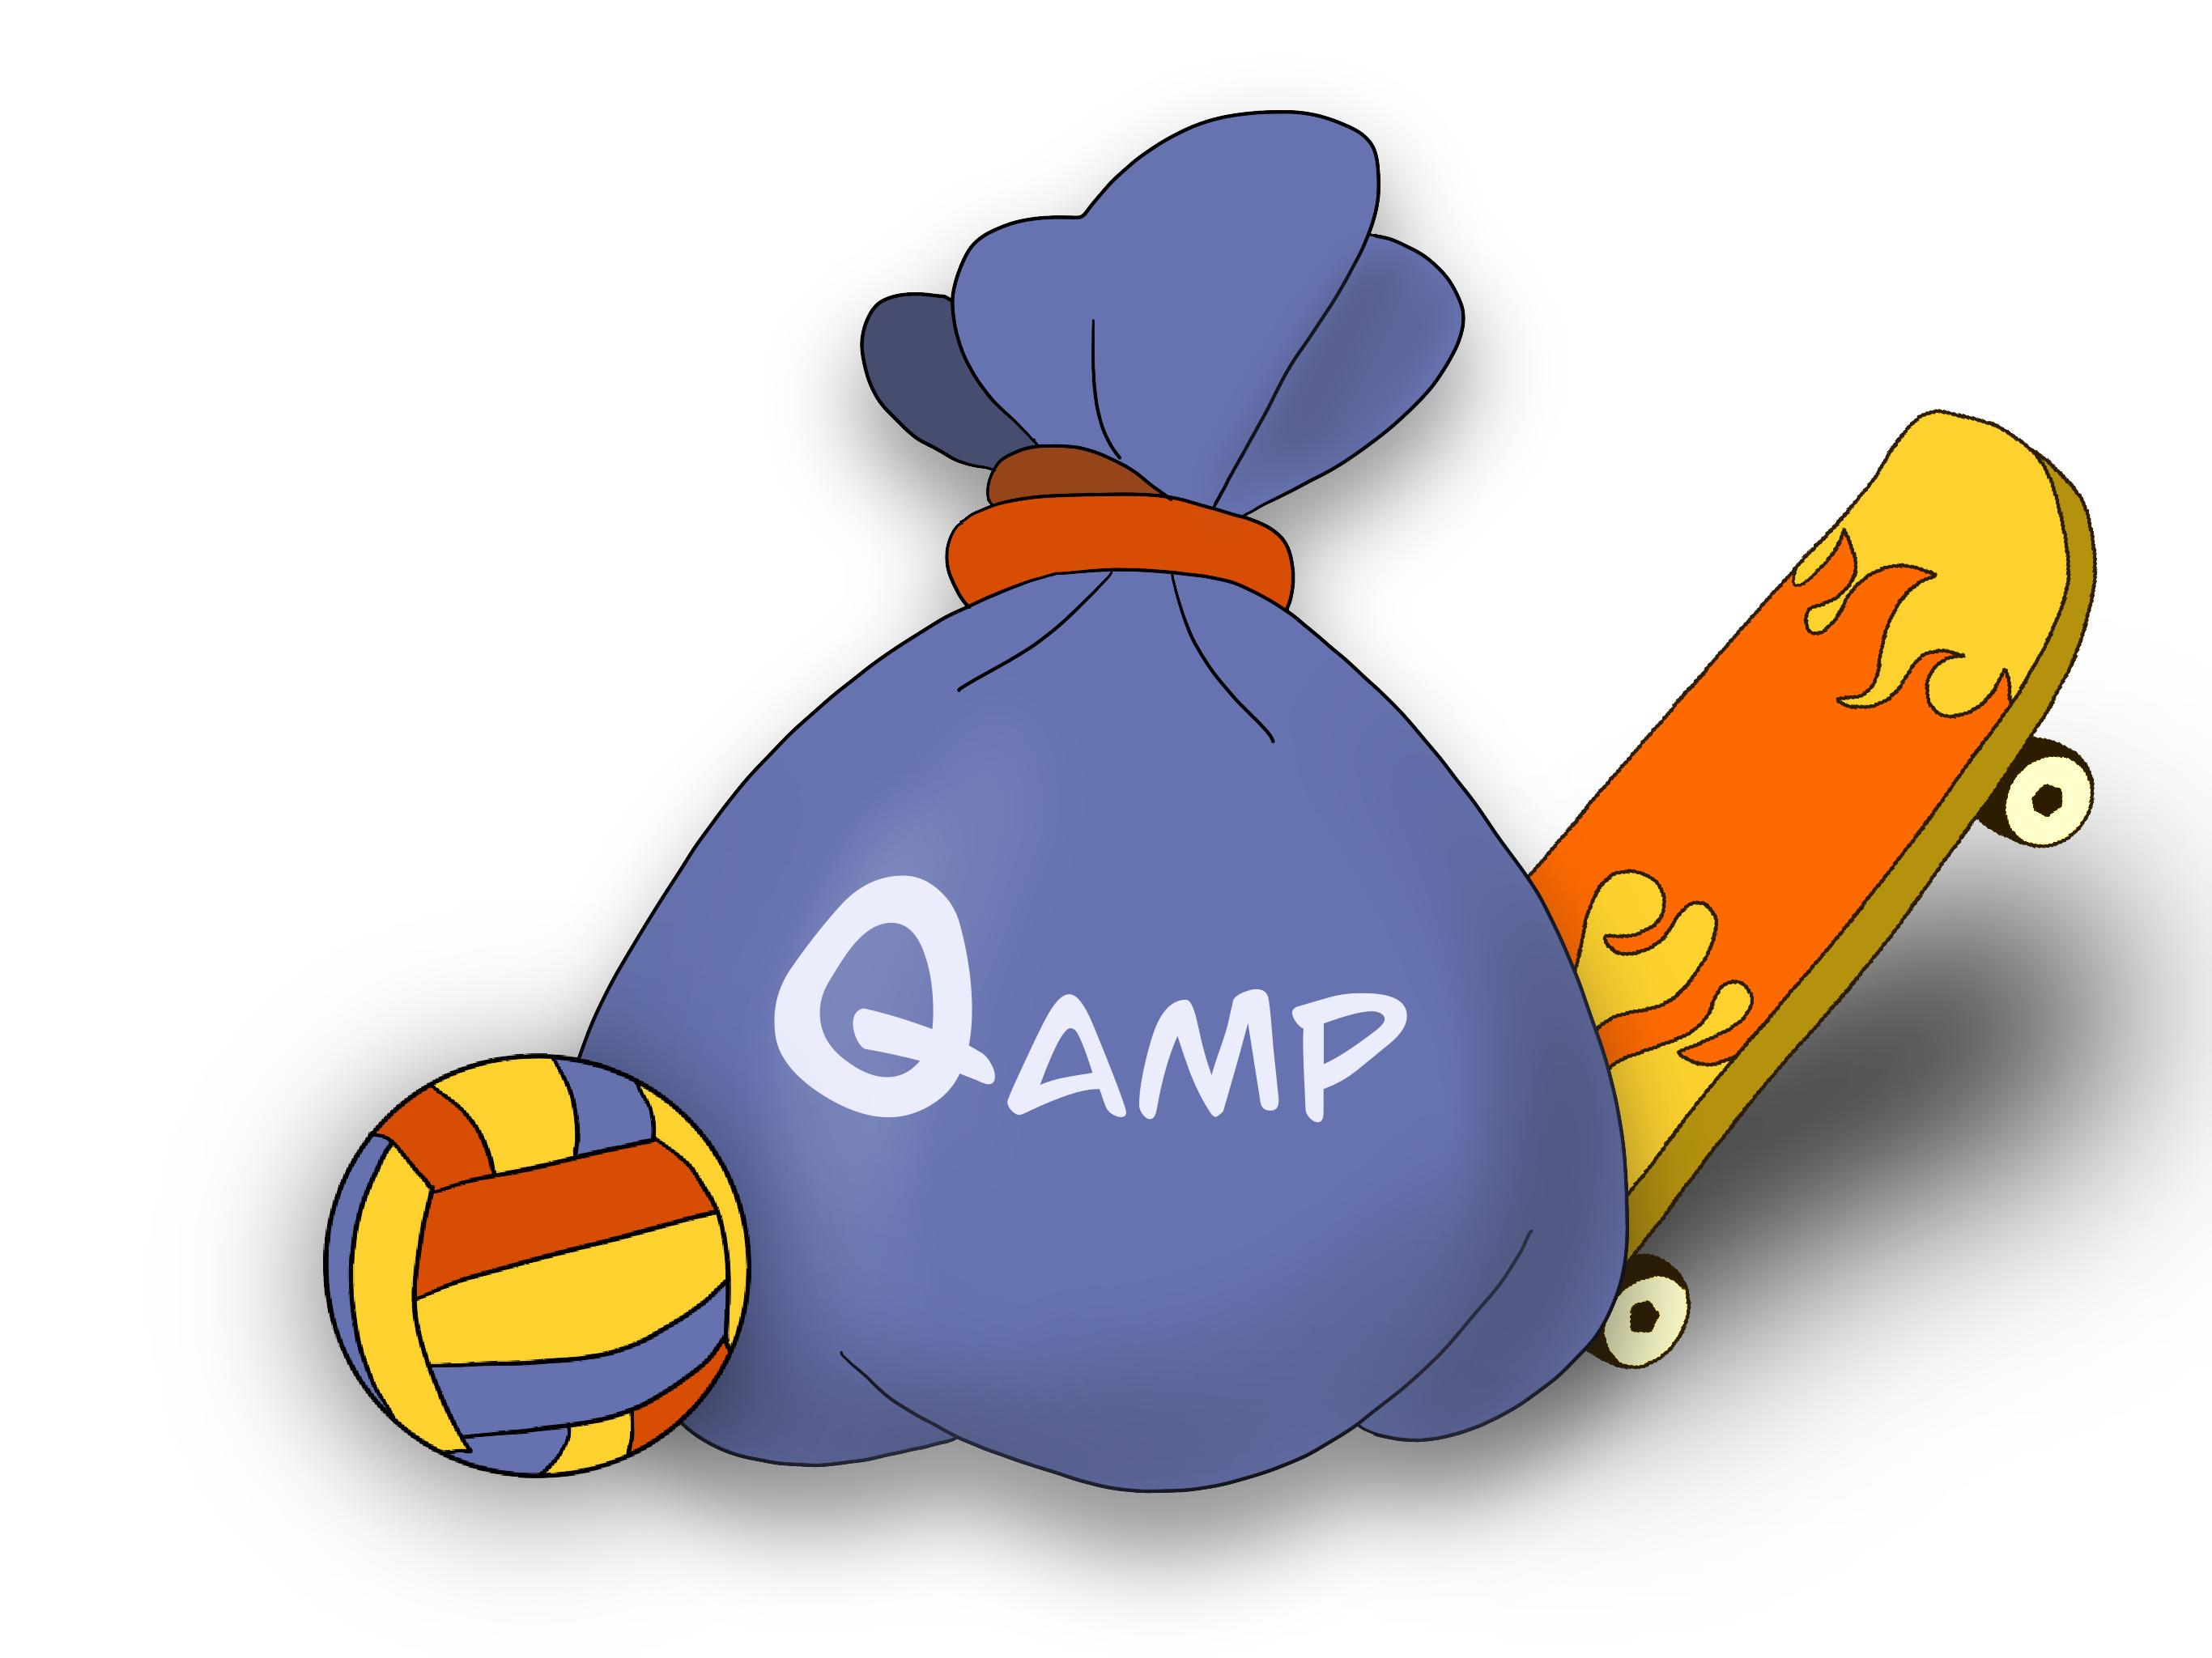 Vorgespräch Qamp Ferienbetreuung